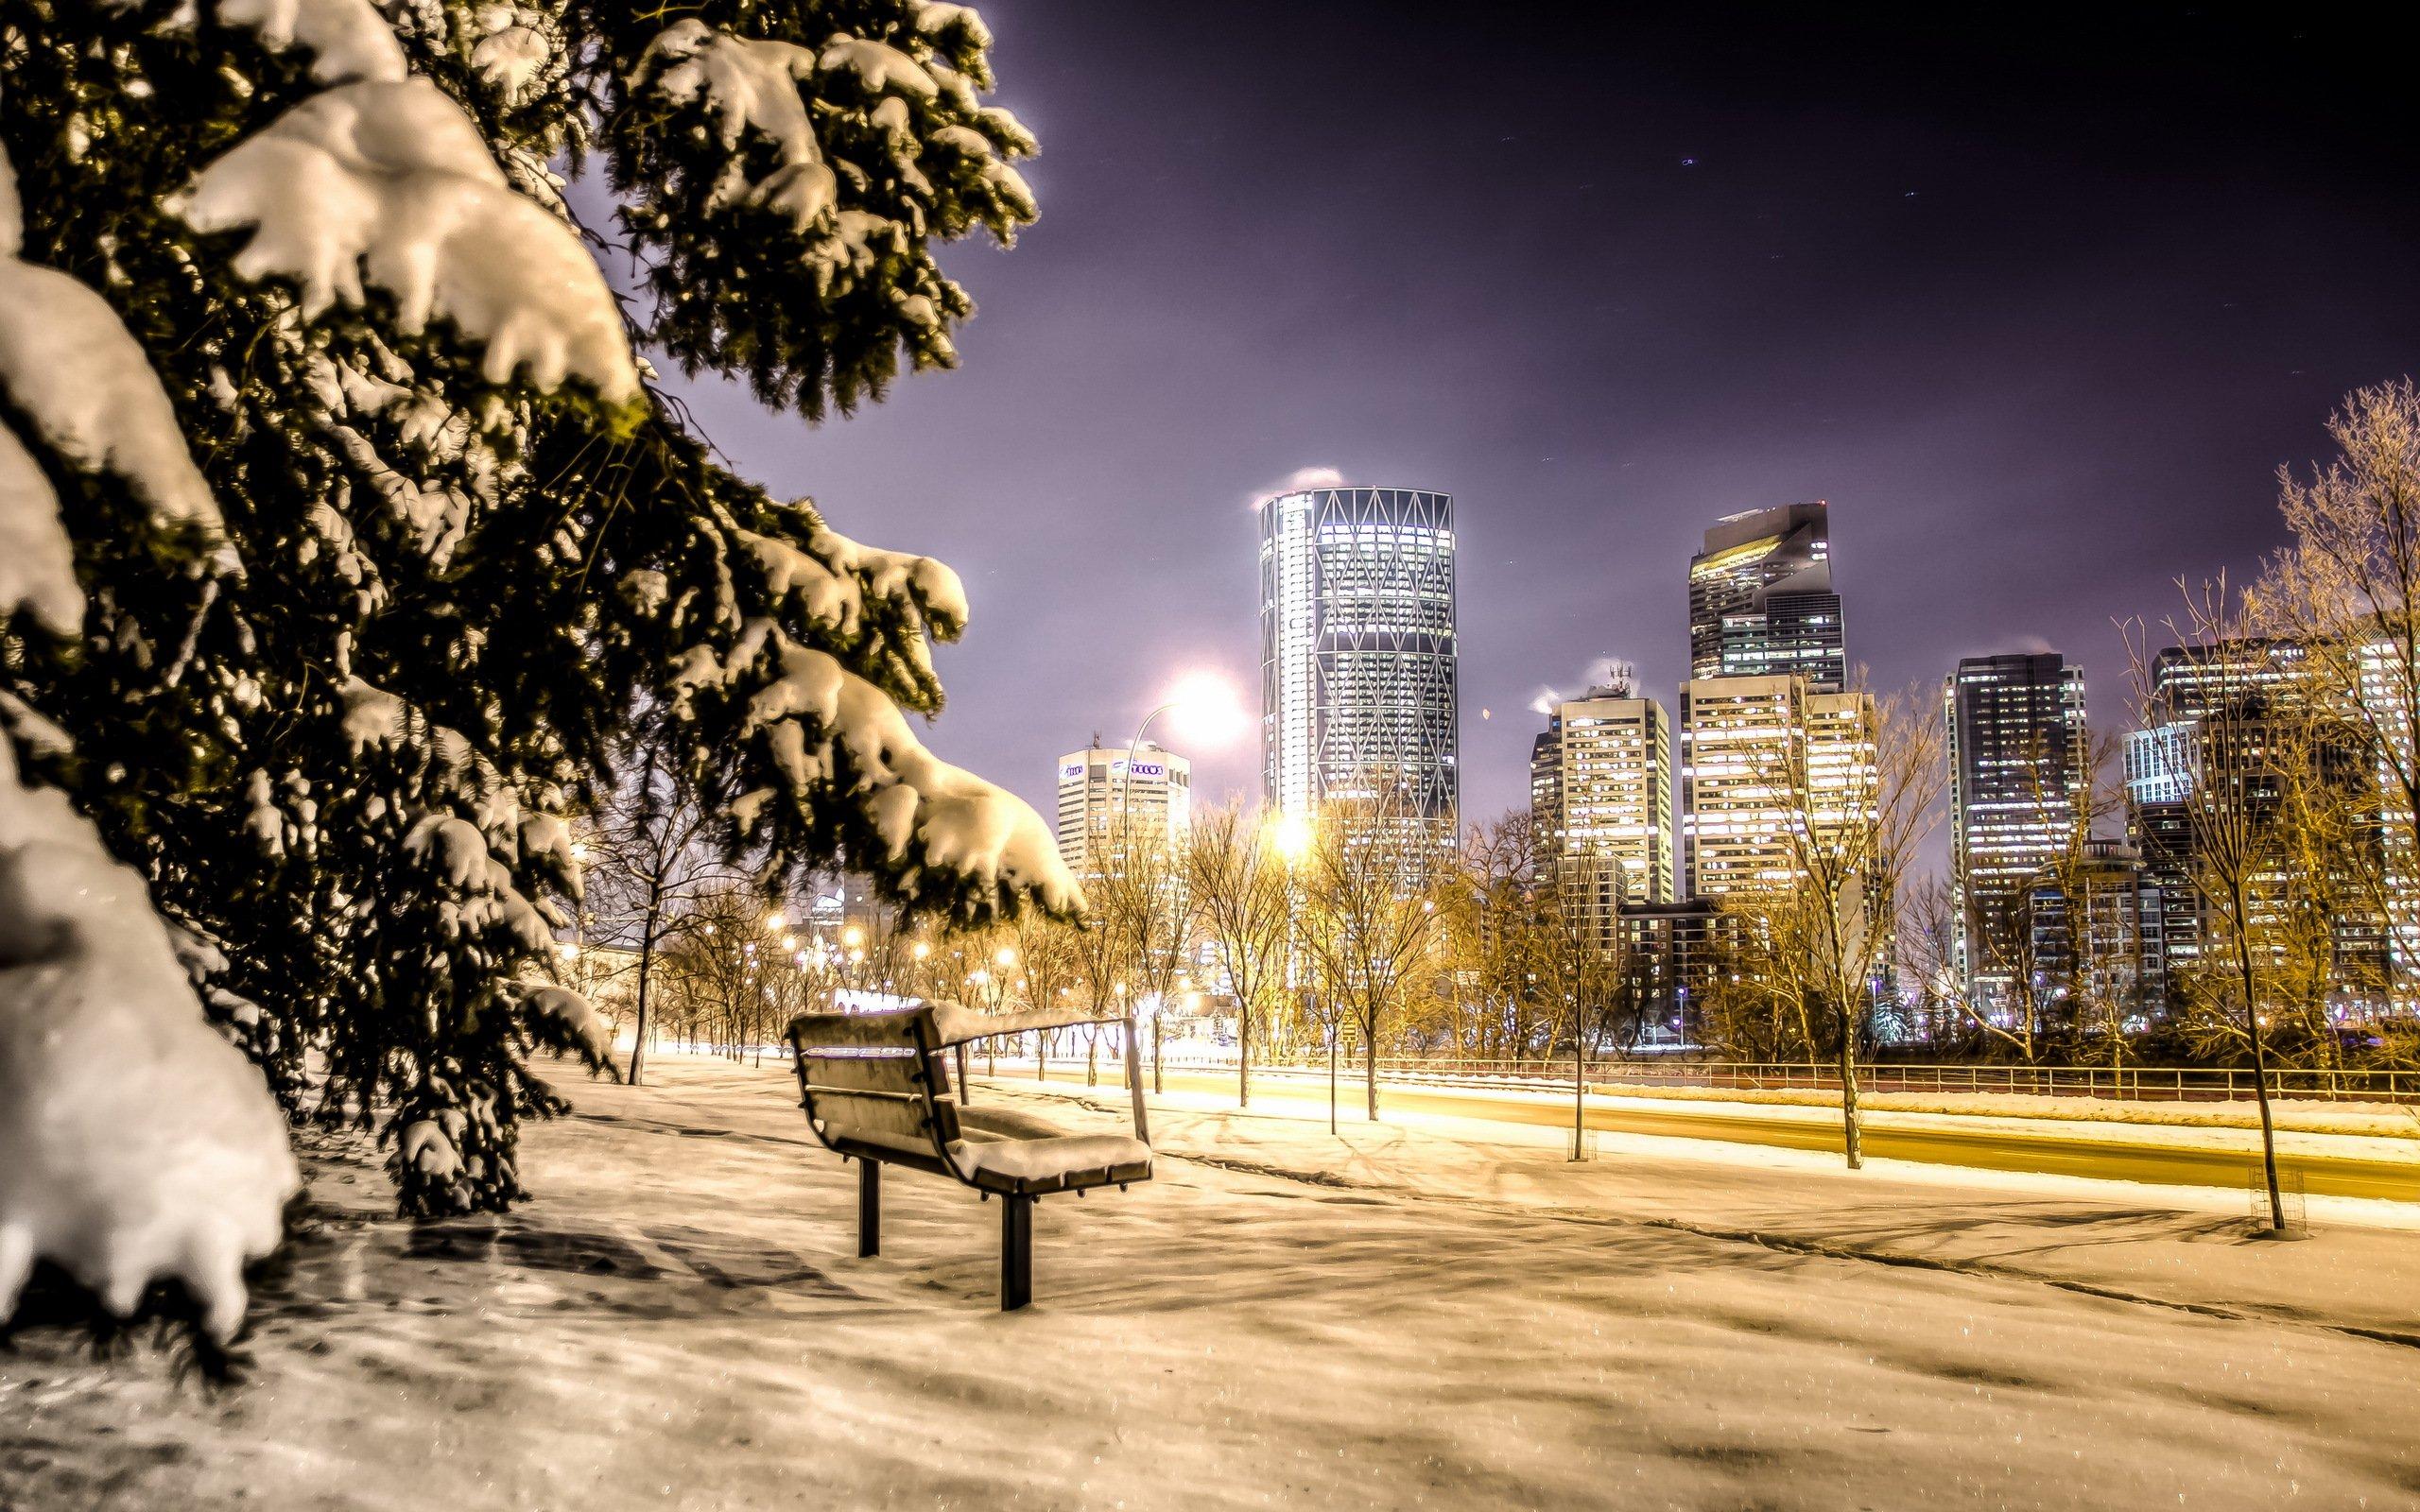 картинки на телефон зимы в городе большие